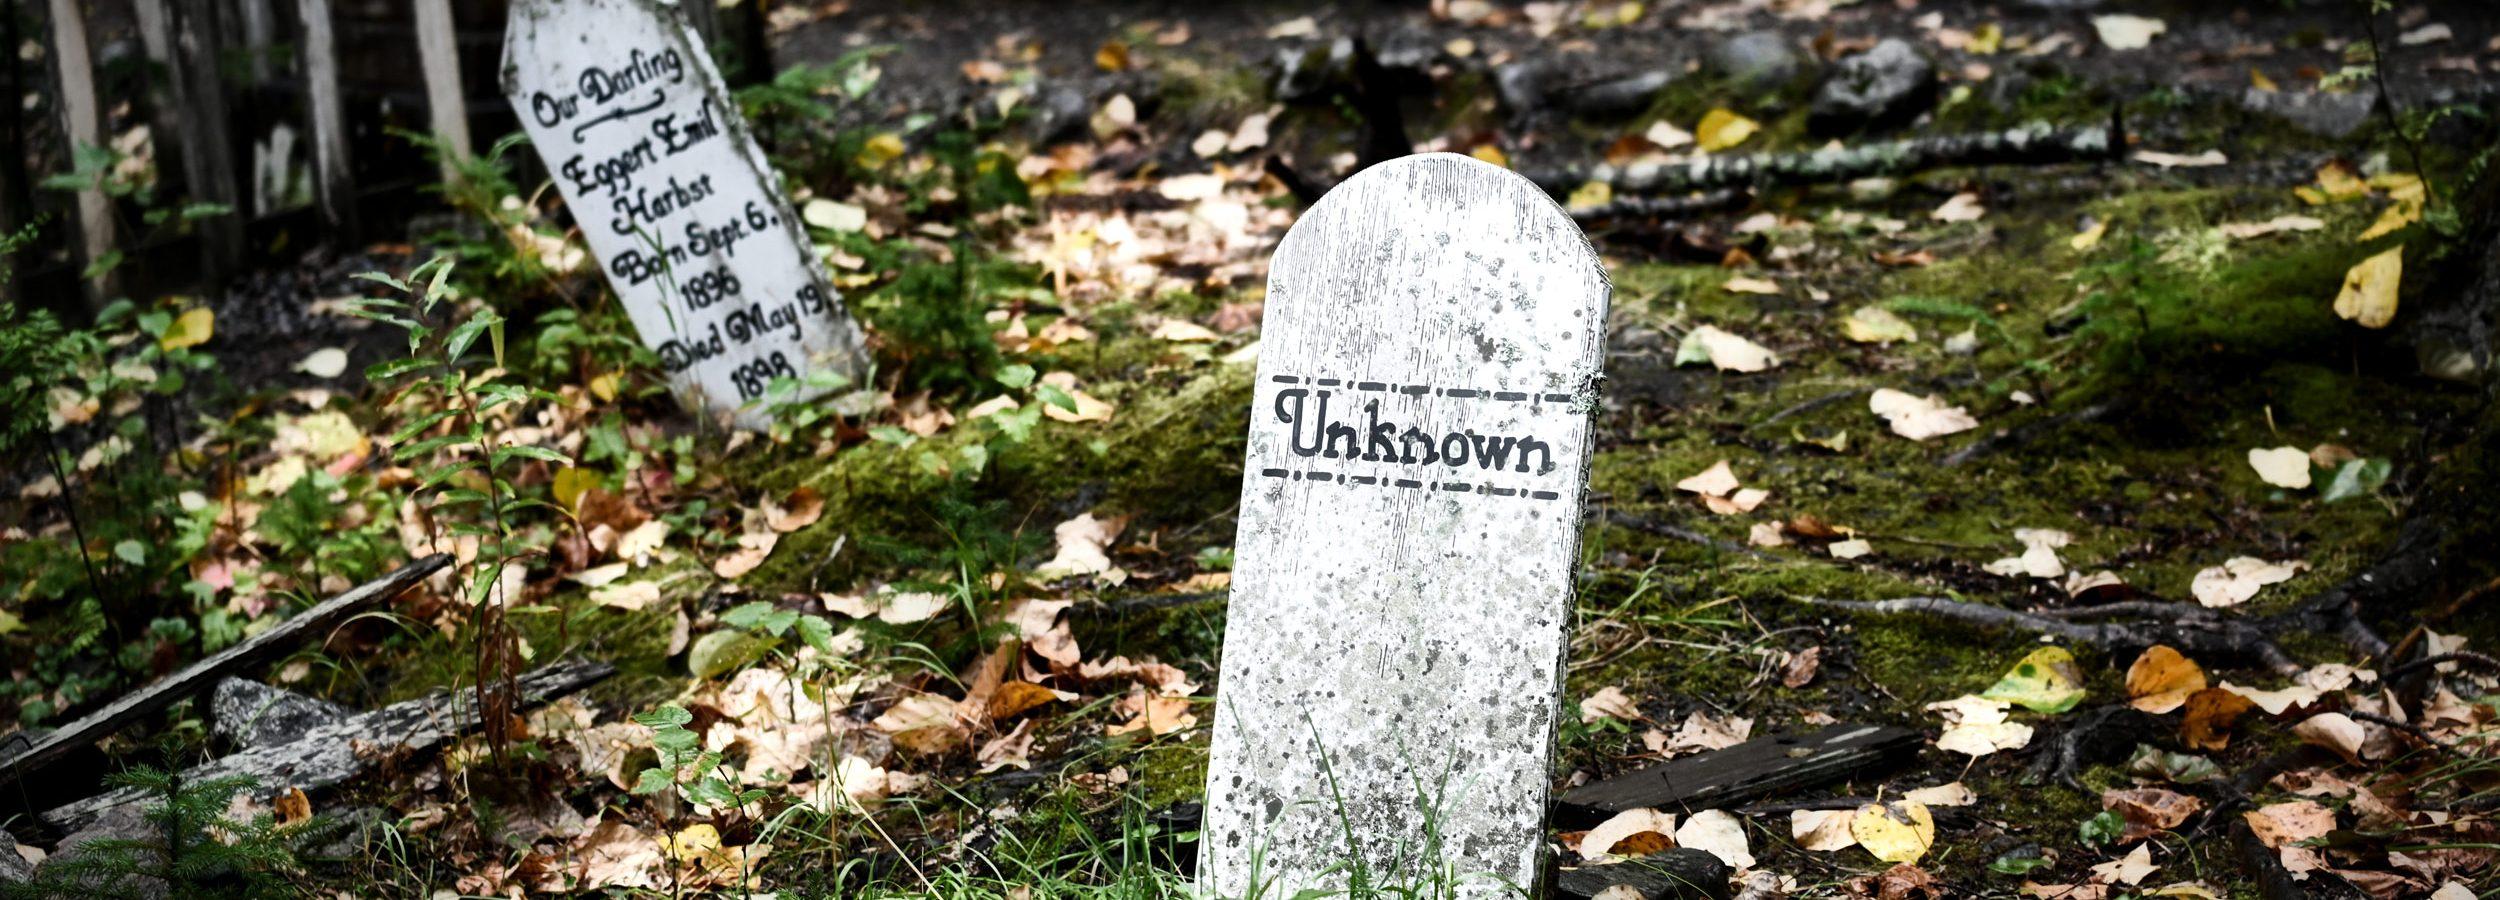 Cmentarz Poszukiwaczy Złota, Alaska, Skagway - Gold Rush Cemetery